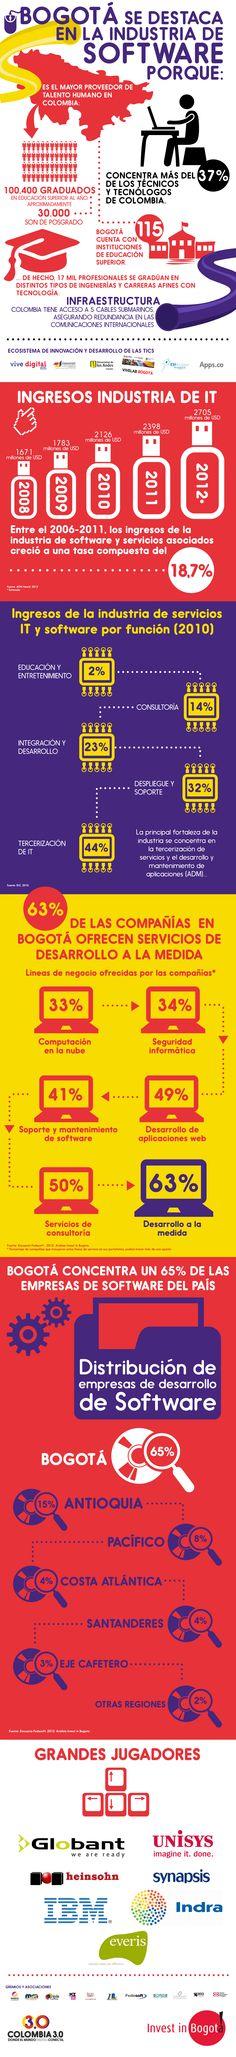 #Infografía: #Bogotá se destaca en la industria del #Software